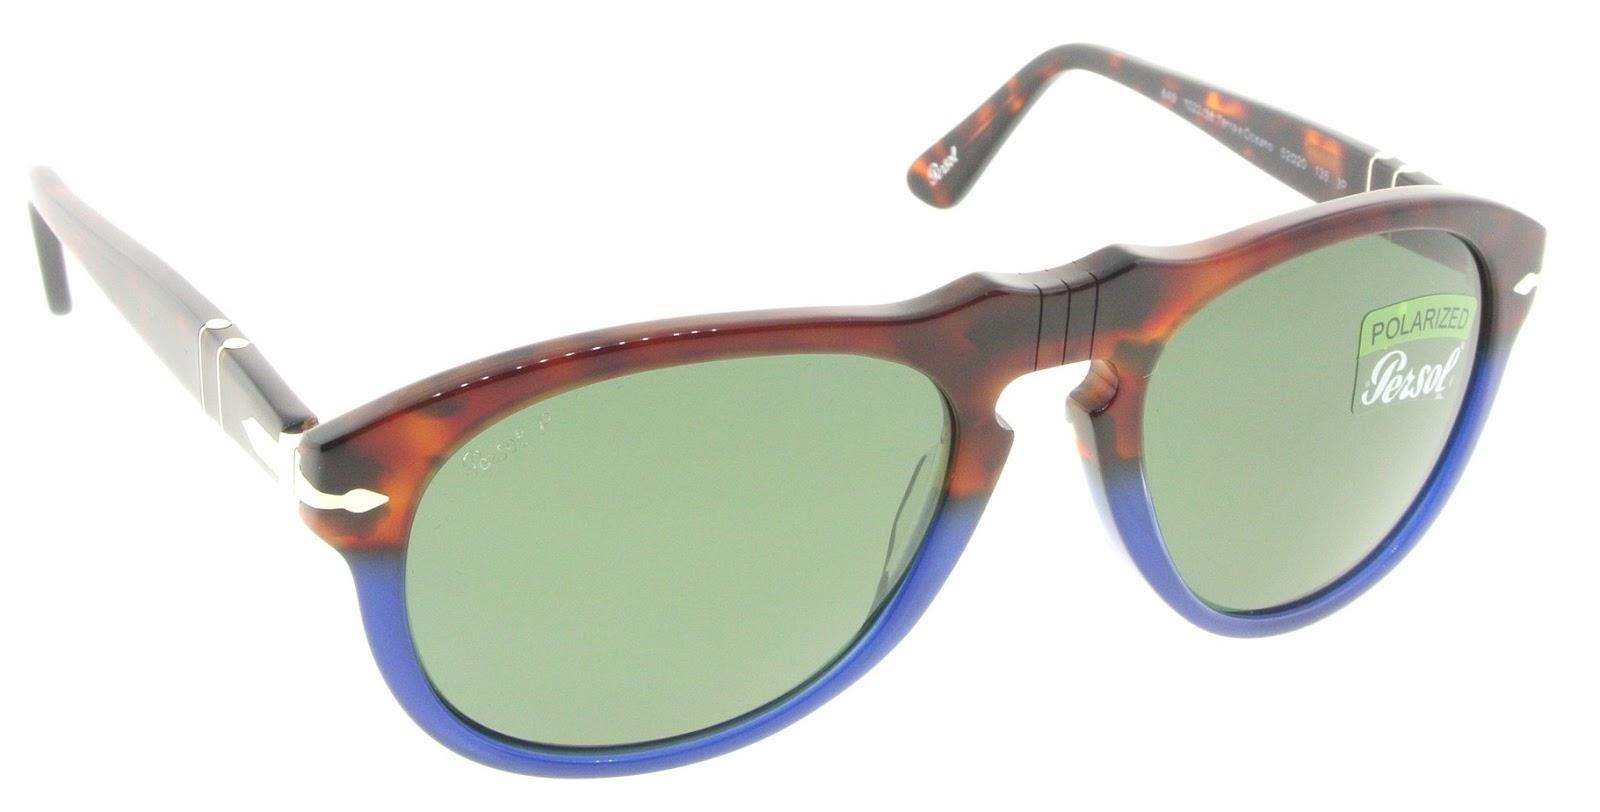 a9784d8ec873b Sempre considerei os óculos Persol muito elegantes e resolvi adquirir  (desta vez não me foi cedida a armação) o modelo solar da coleção Vintage  Celebration ...